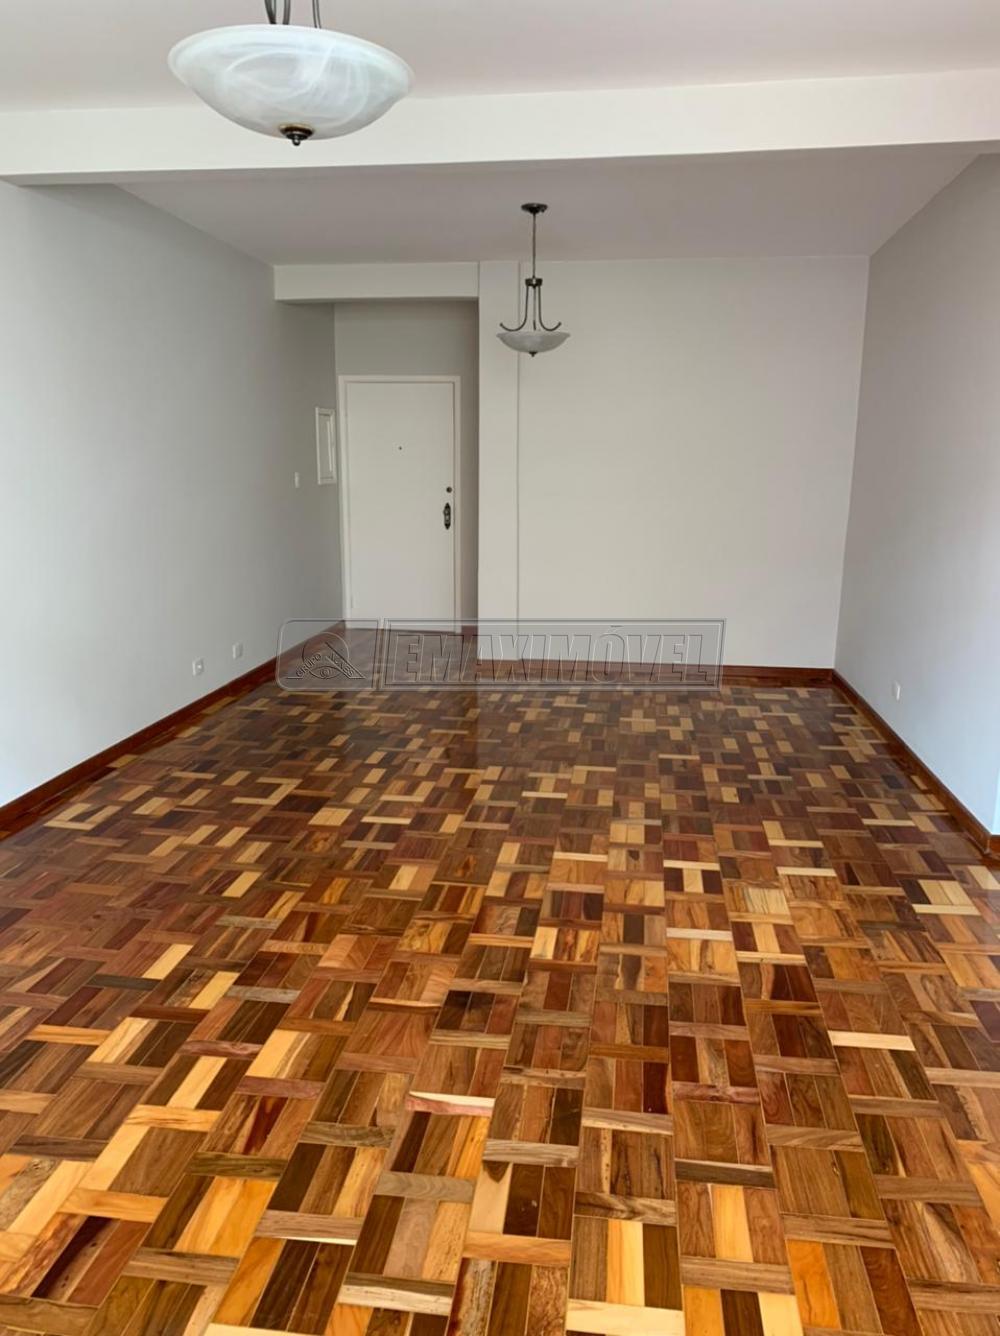 Comprar Apartamento / Padrão em Sorocaba R$ 420.000,00 - Foto 3